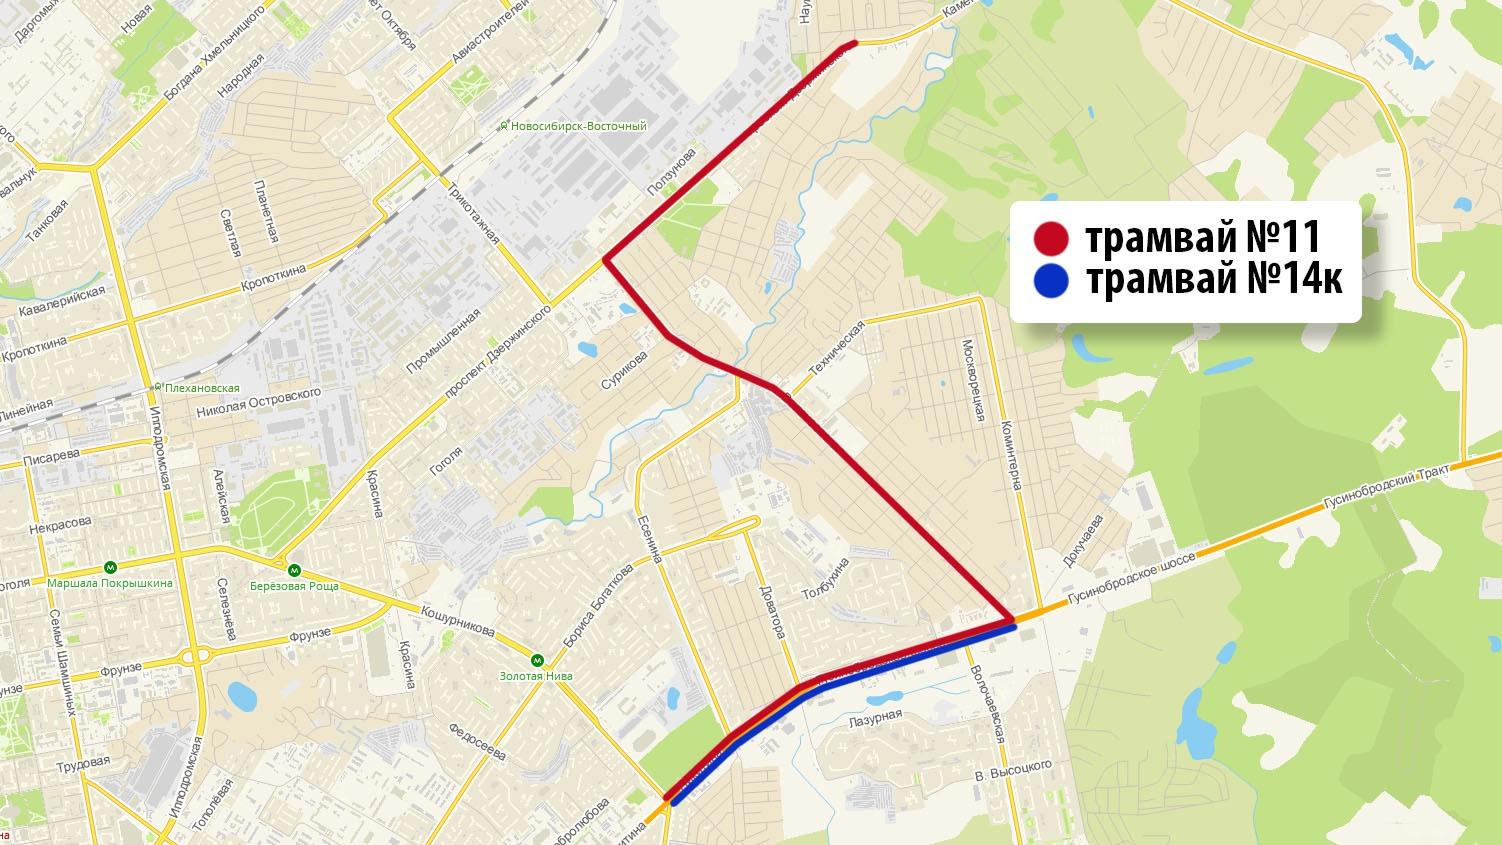 """На ближайших выходных в Новосибирске будет работать дополнительный трамвайный маршрут <nobr class=""""_"""">№ 14к</nobr>, а трамваи <nobr class=""""_"""">№ 11</nobr> будут ходить по изменённой схеме"""